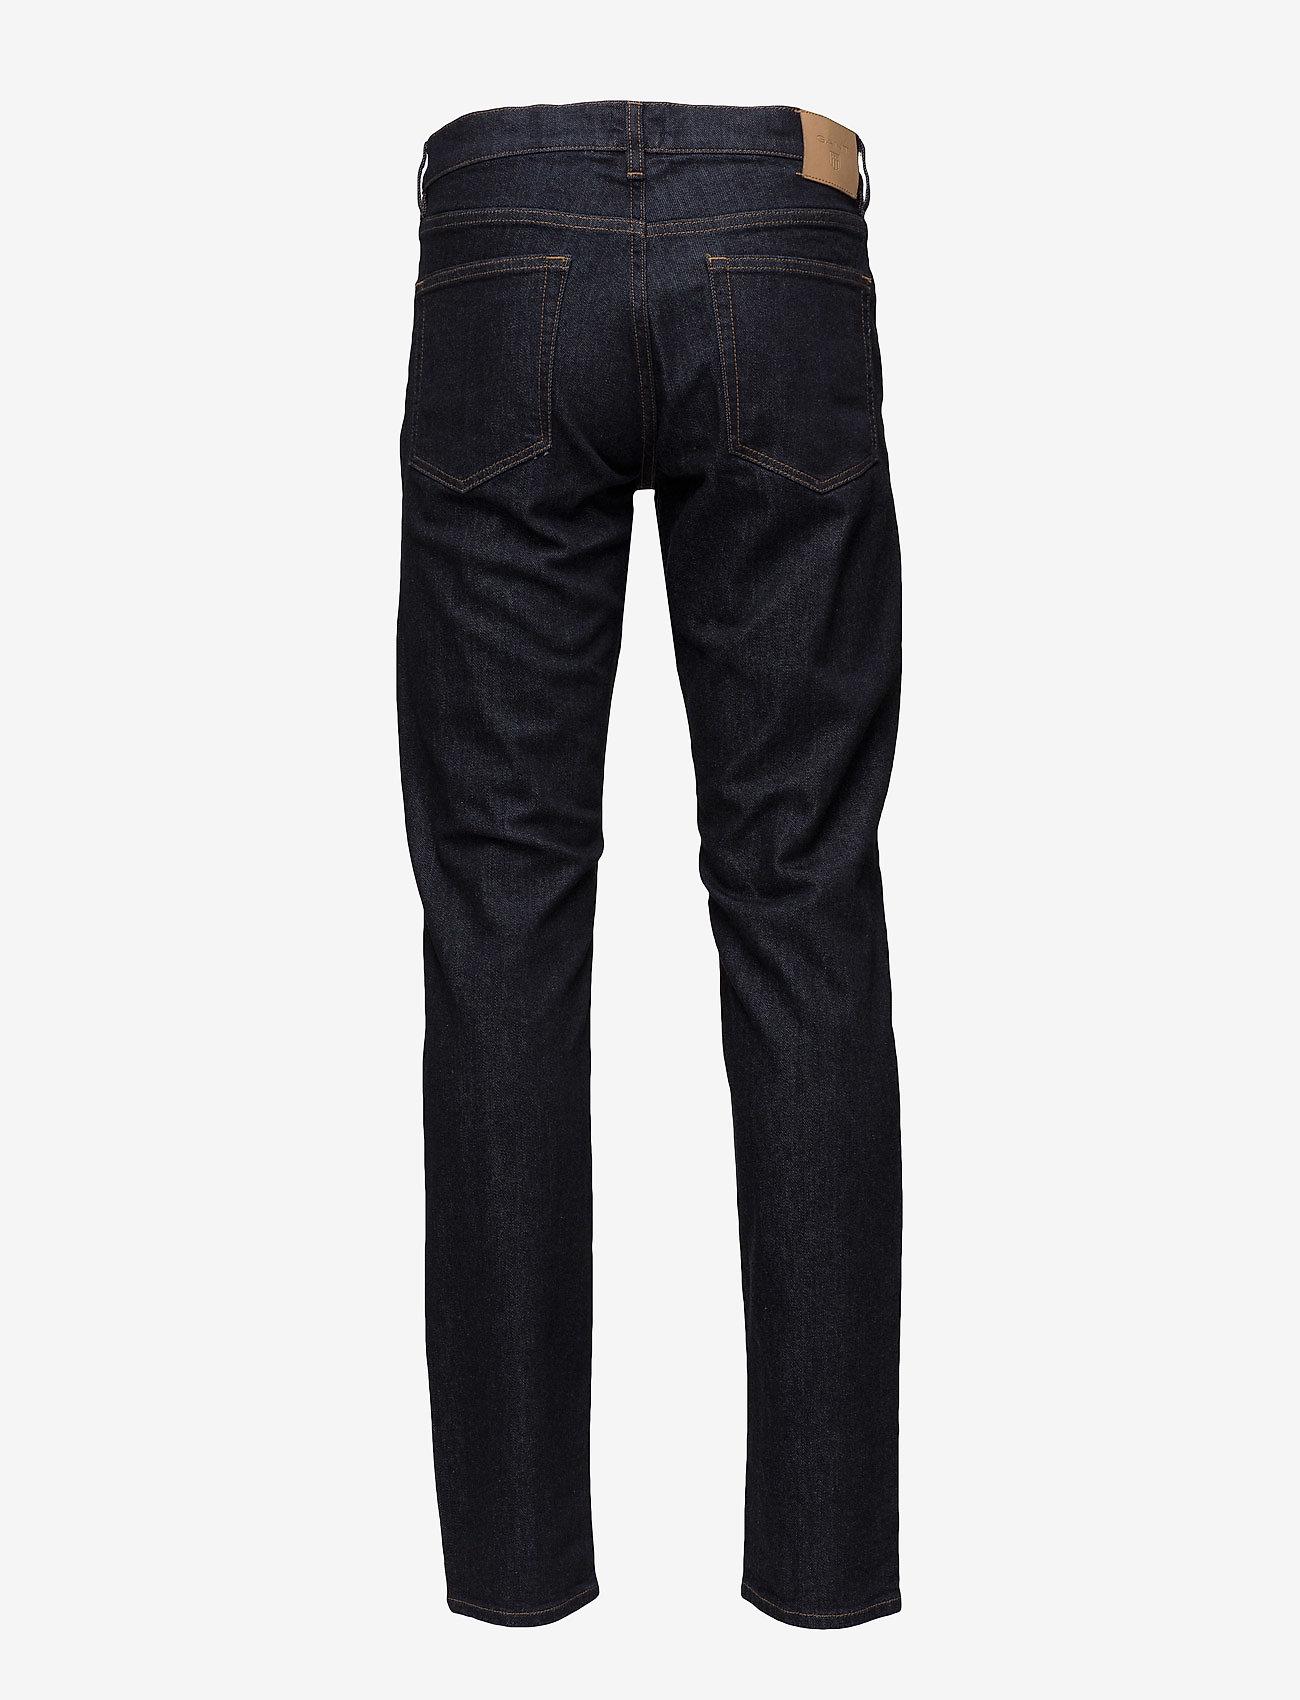 GANT - SLIM GANT JEANS - slim jeans - dark blue - 1